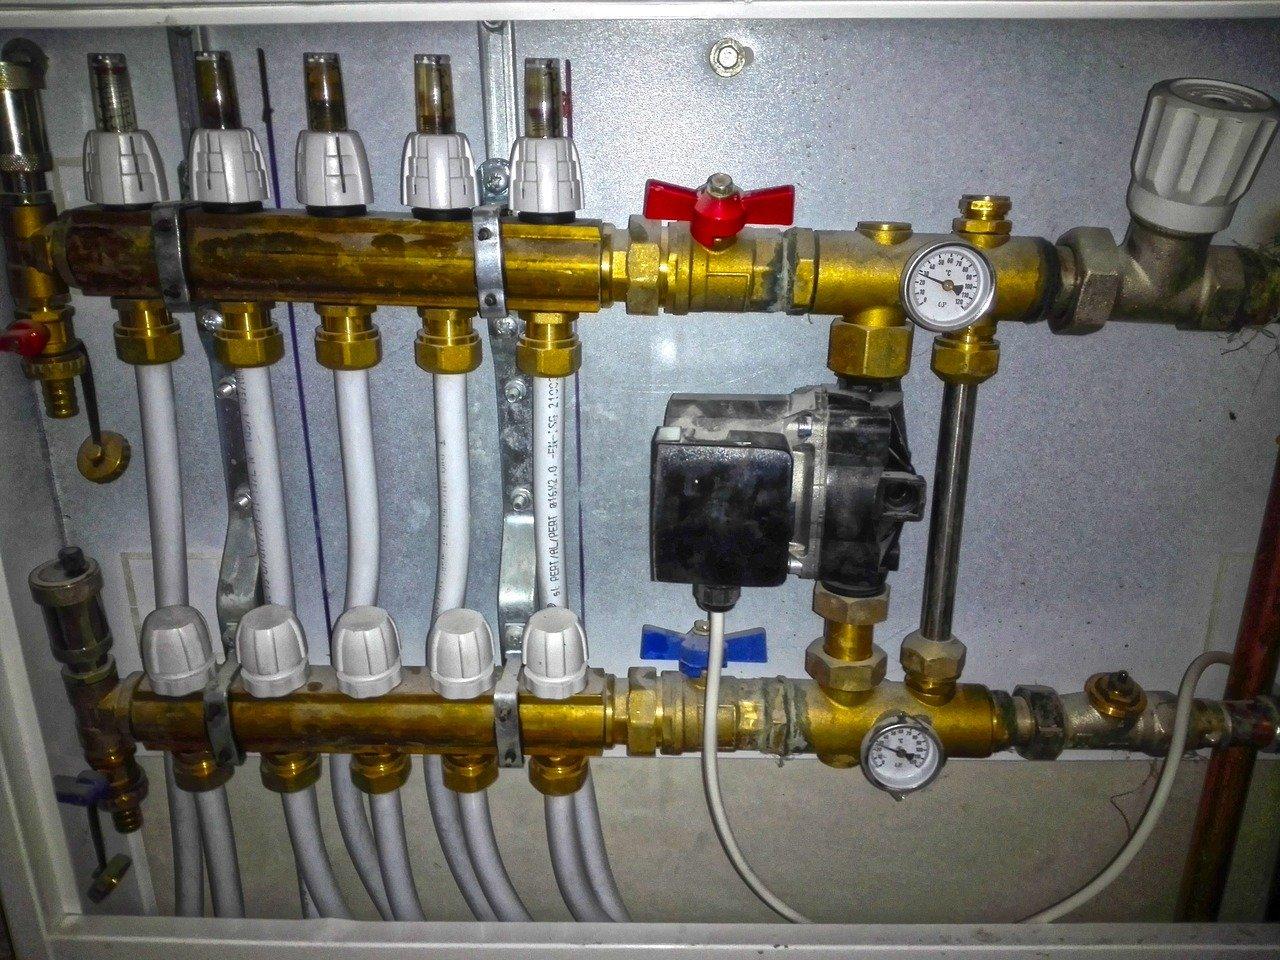 Vloerverwarming Badkamer Retourleiding : Uw vloerverwarming inregelen en instellen huisentuinmagazine